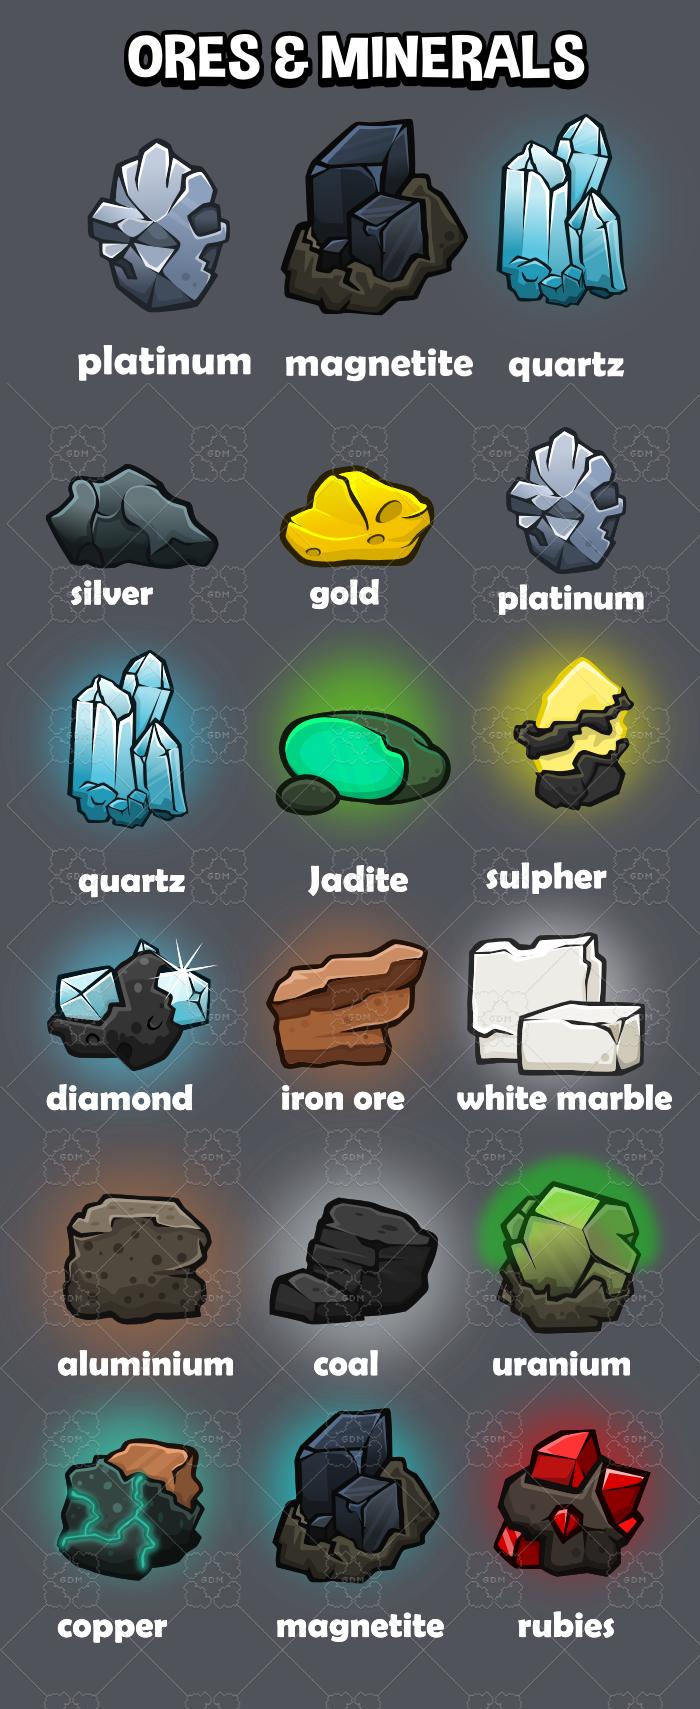 Ore & Minerals